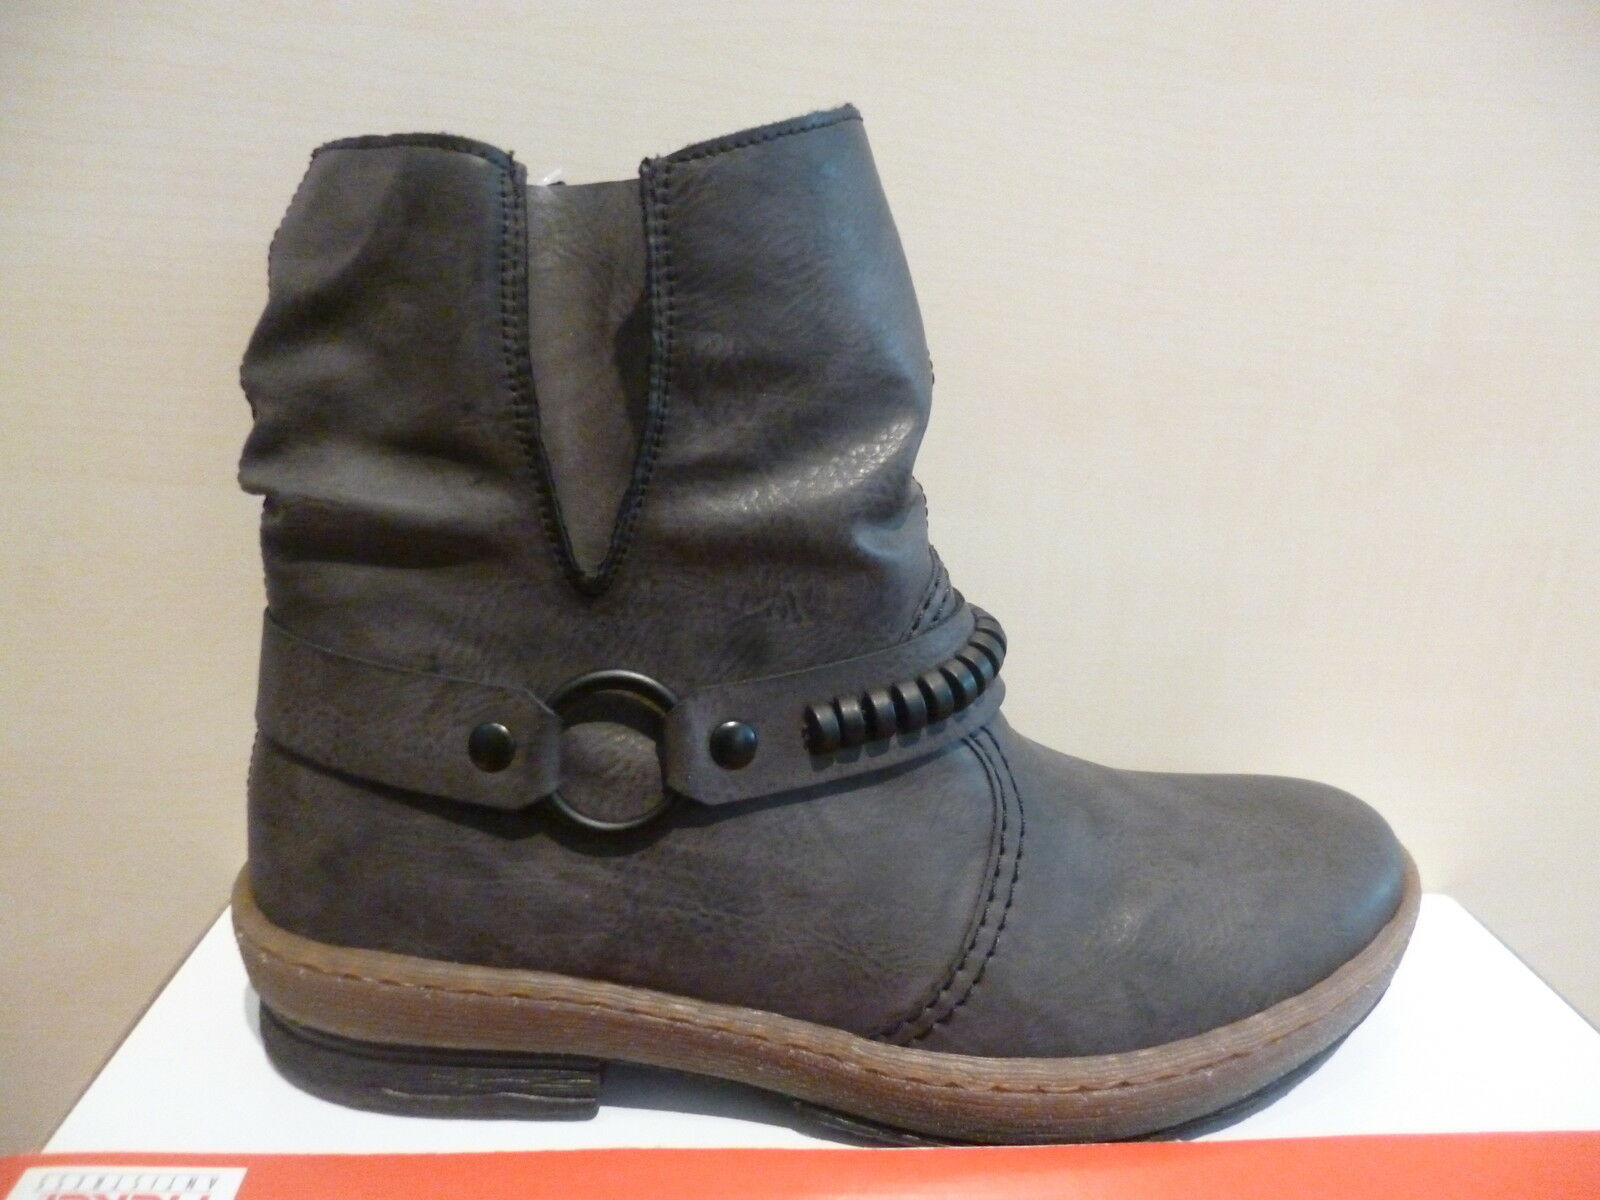 de8c3f3b8652 Rieker Damen Stiefel Stiefeletten Boots Winterstiefel grau Warmfutter Z6762  NEU 1 ...